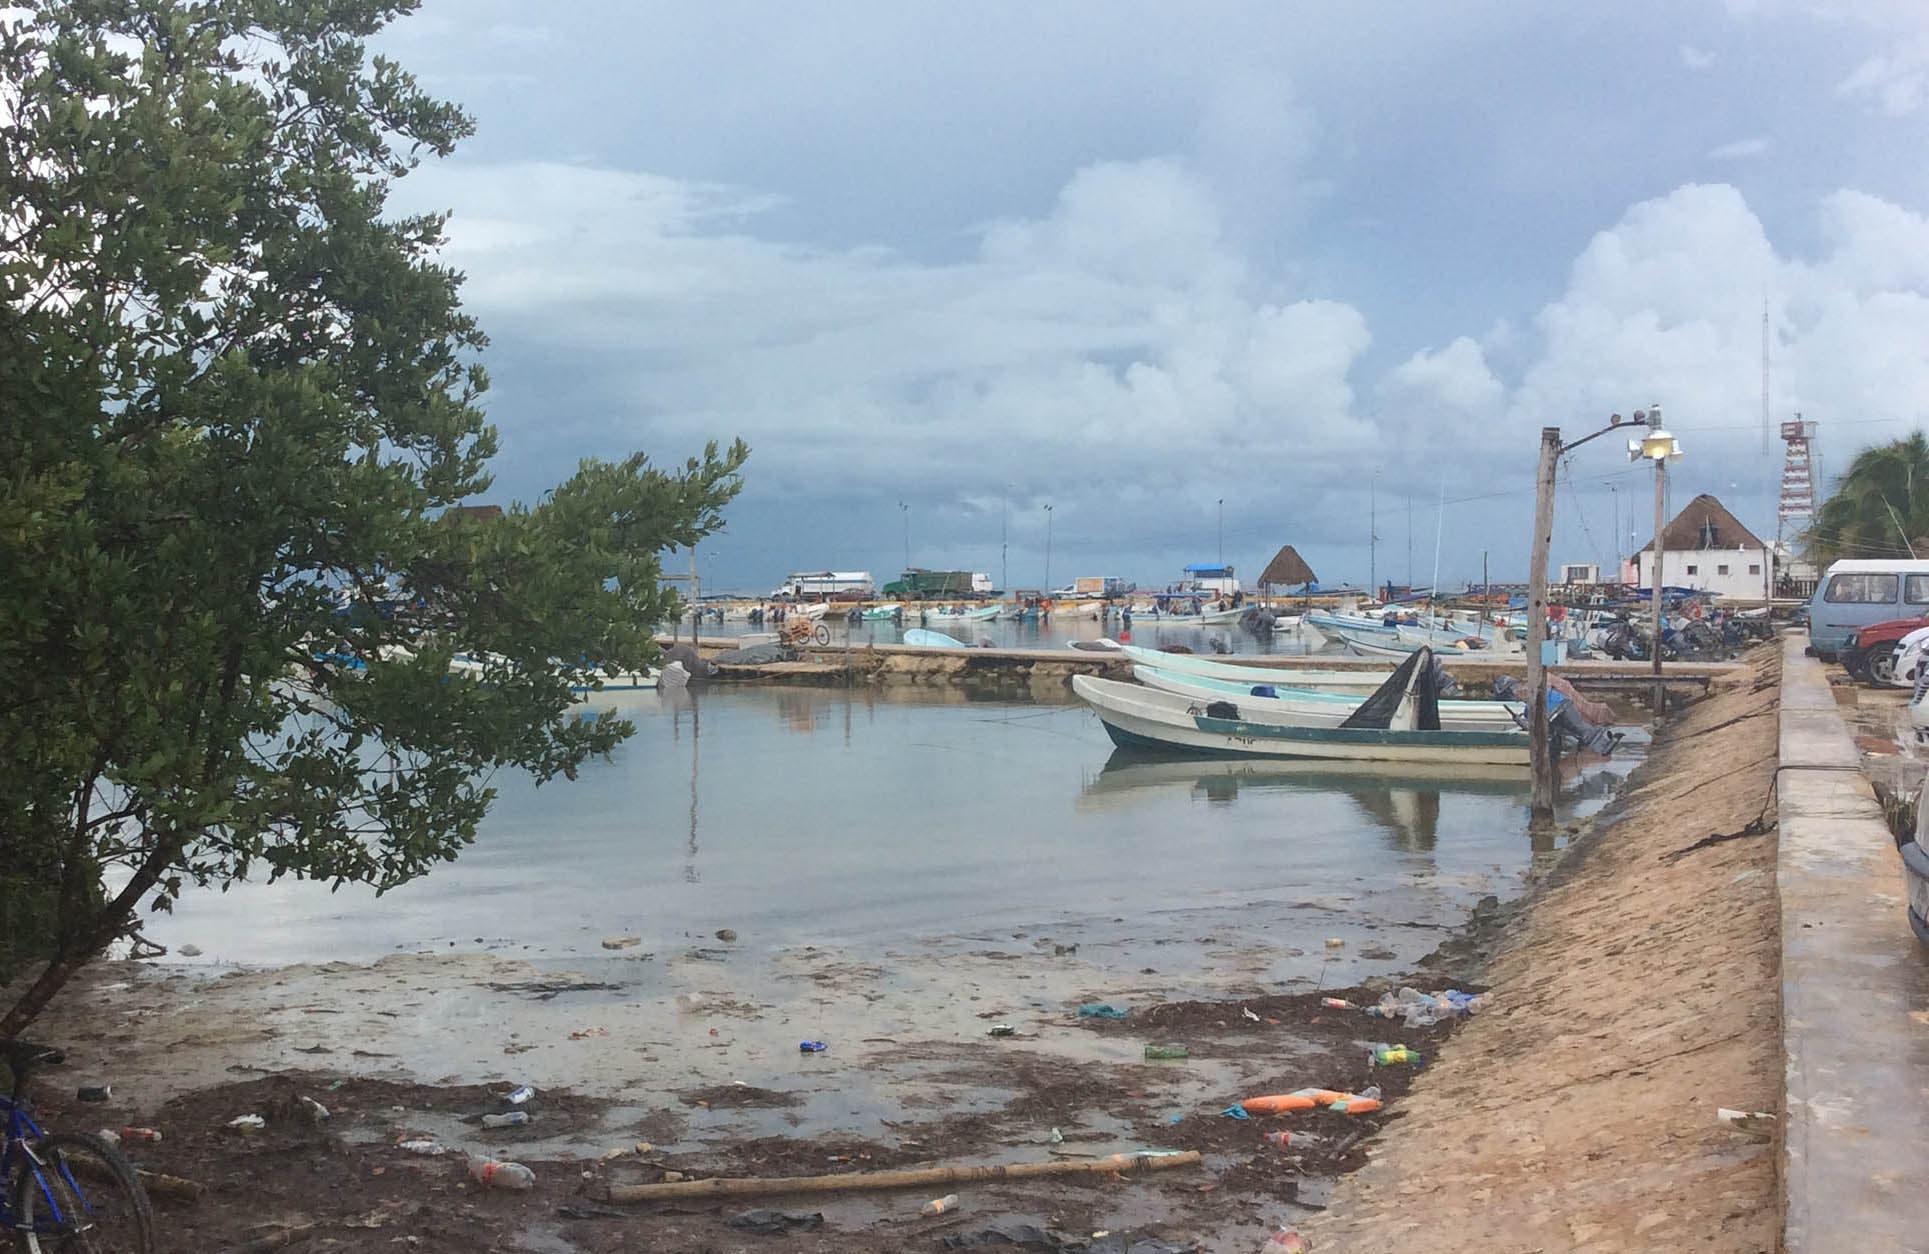 Detener la acumulación de basura en los mares, es urgente